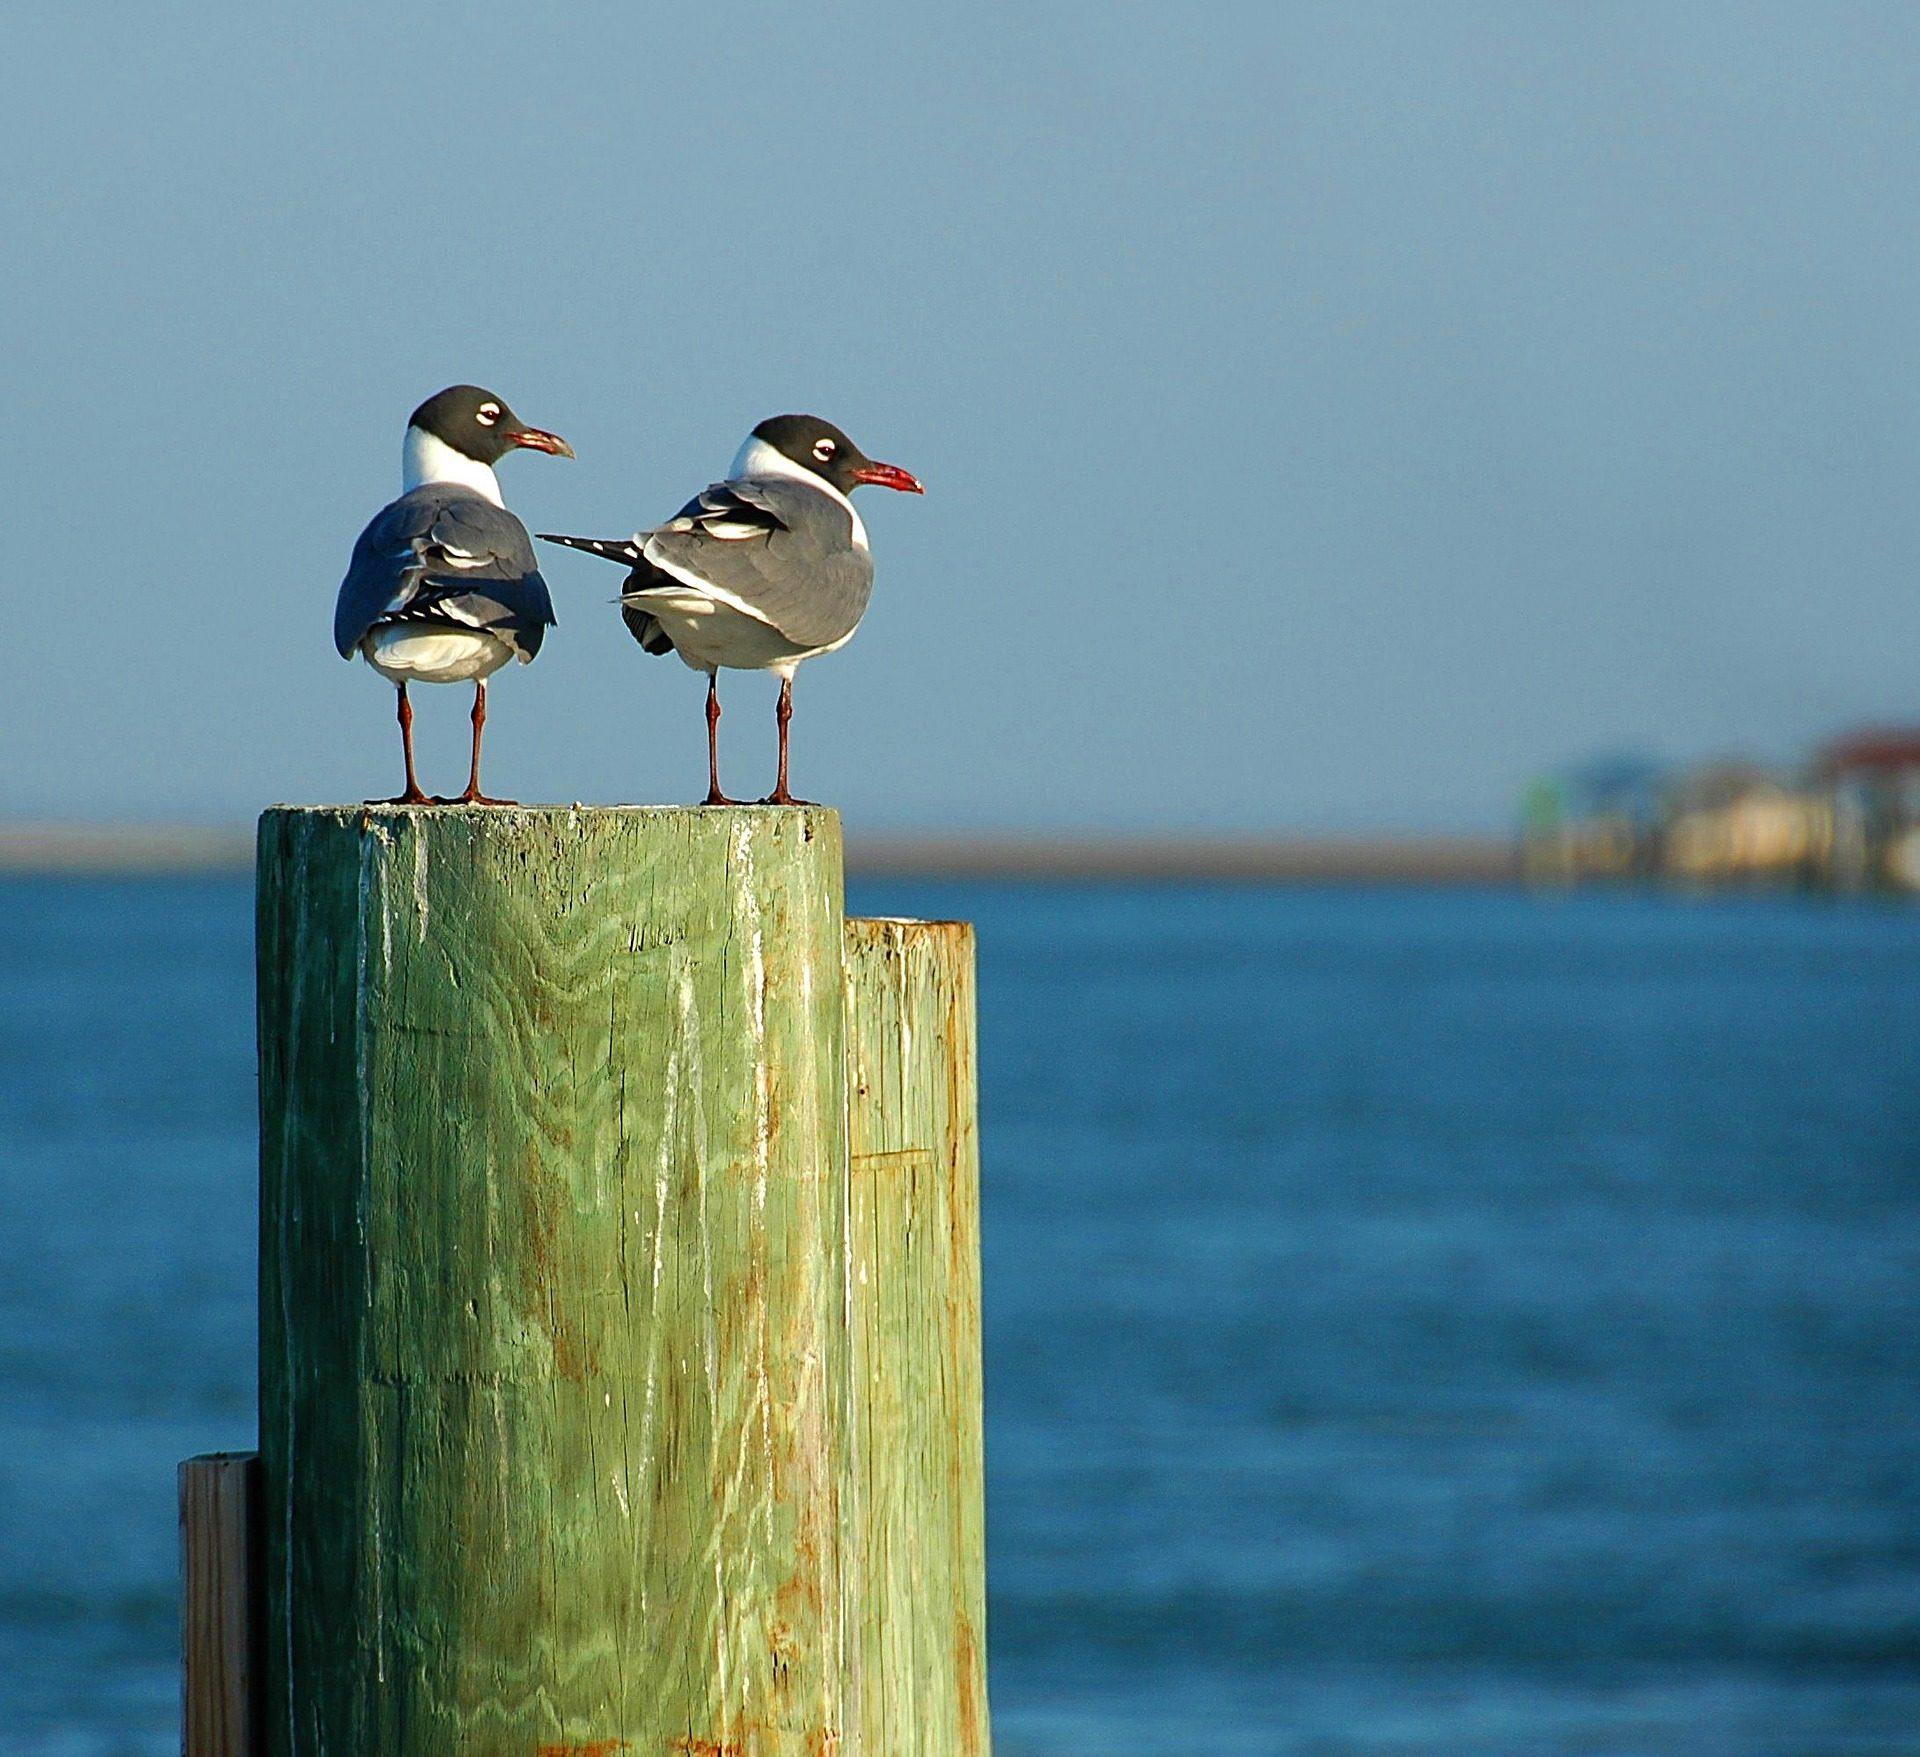 海鸥, 夫妇, 端口, 海滩, 木材 - 高清壁纸 - 教授-falken.com